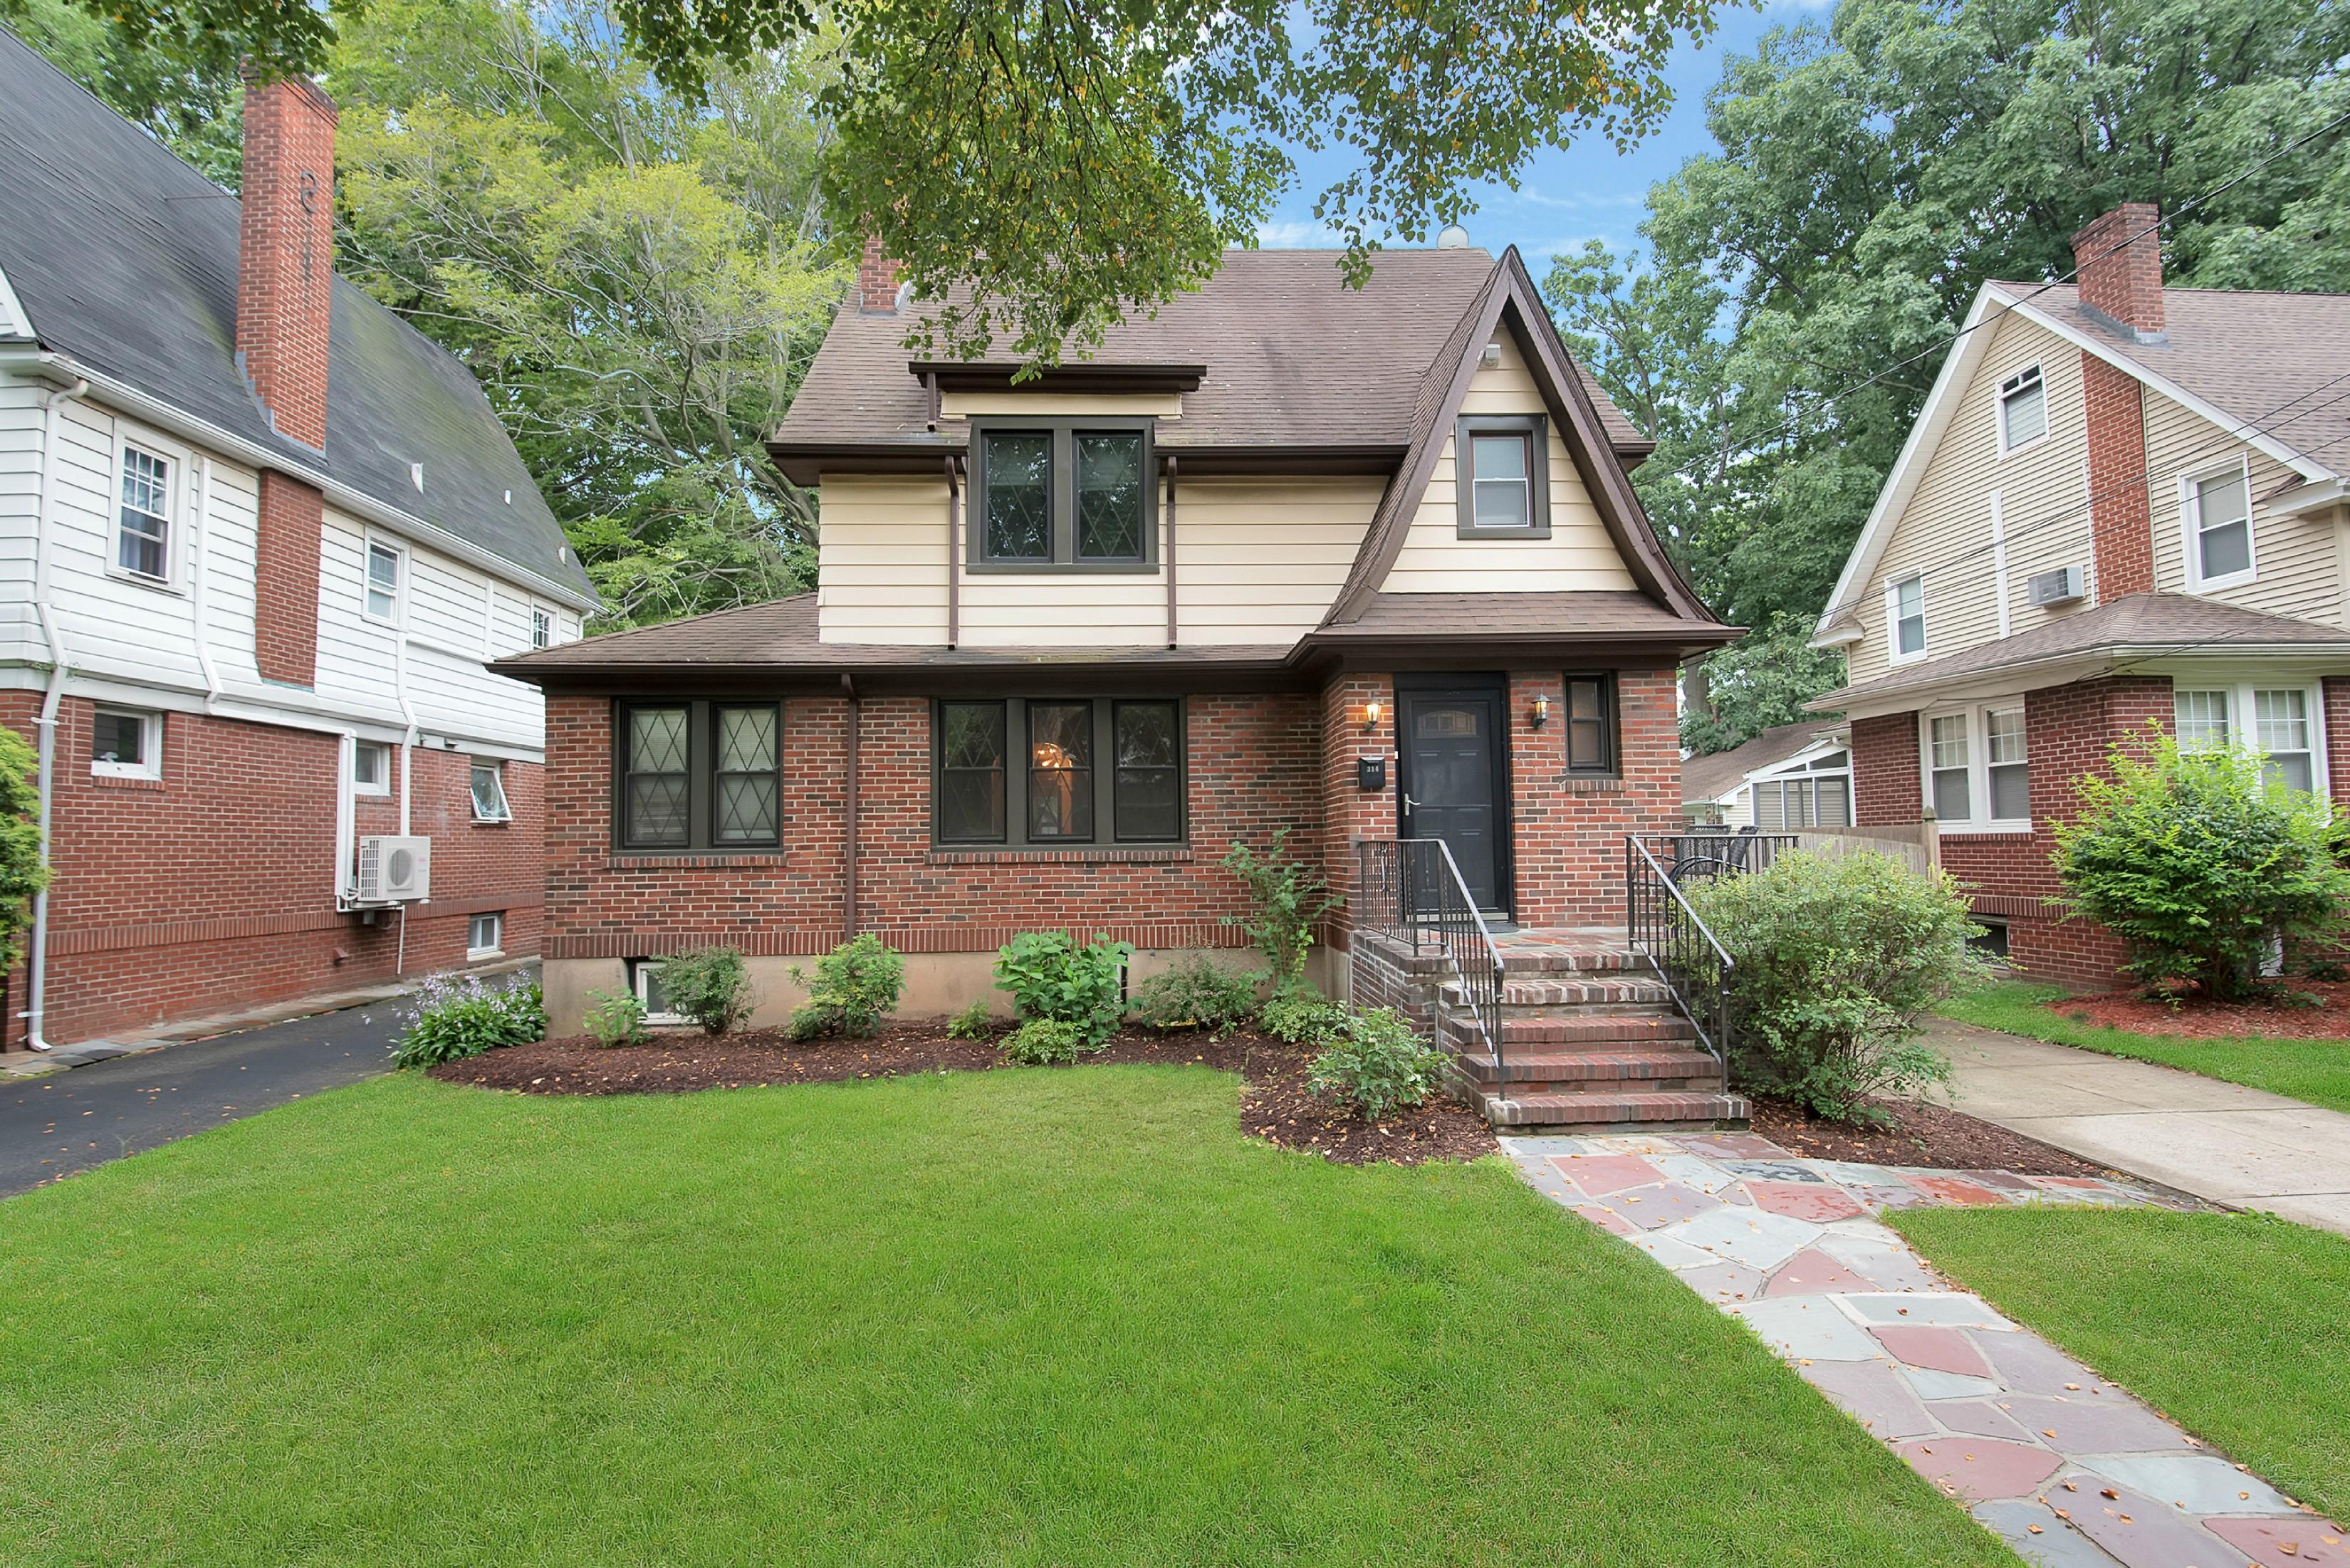 Частный односемейный дом для того Продажа на Updated Teaneck Tudor! 314 Griggs Avenue Teaneck, 07666 Соединенные Штаты